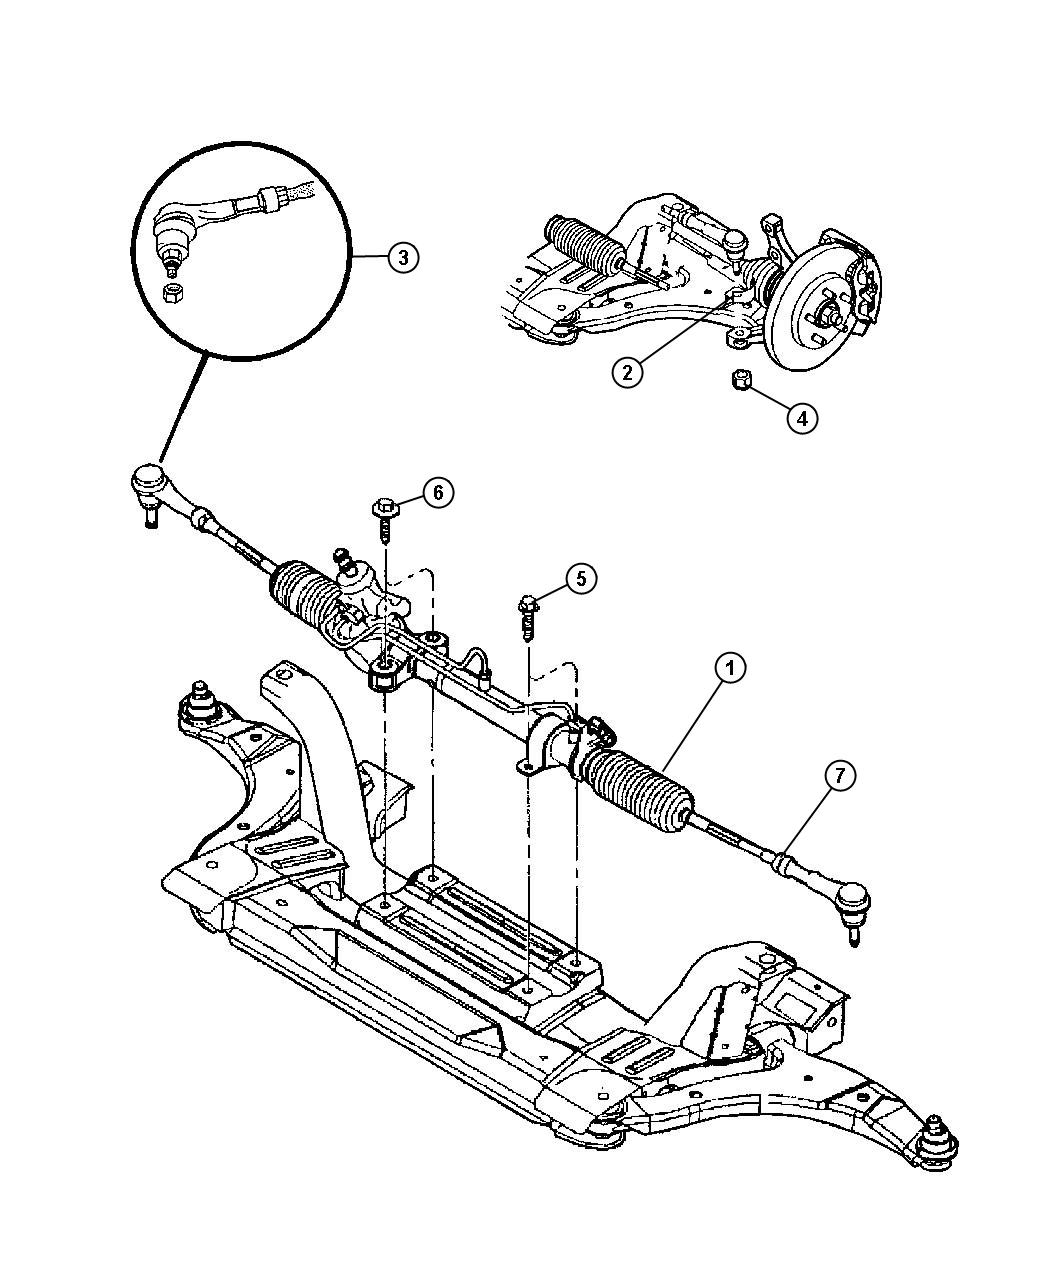 Chrysler Pt Cruiser Gear Power Steering Used For Rack